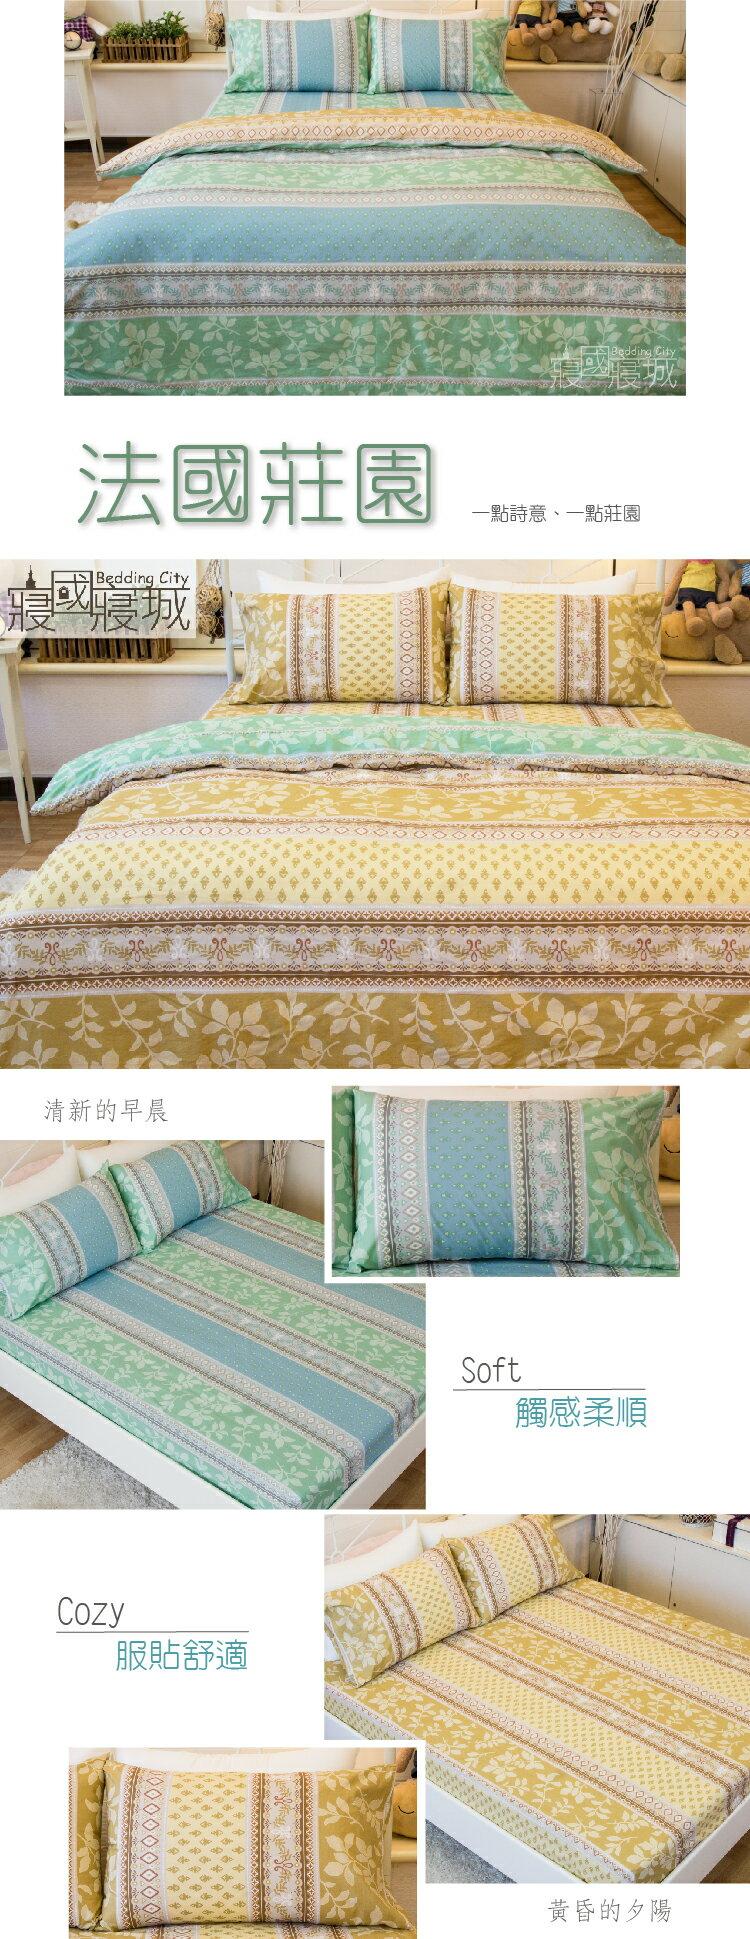 100%精梳棉-單人床包兩件組 法國莊園【大鐘印染、台灣製造】#精梳純綿 1